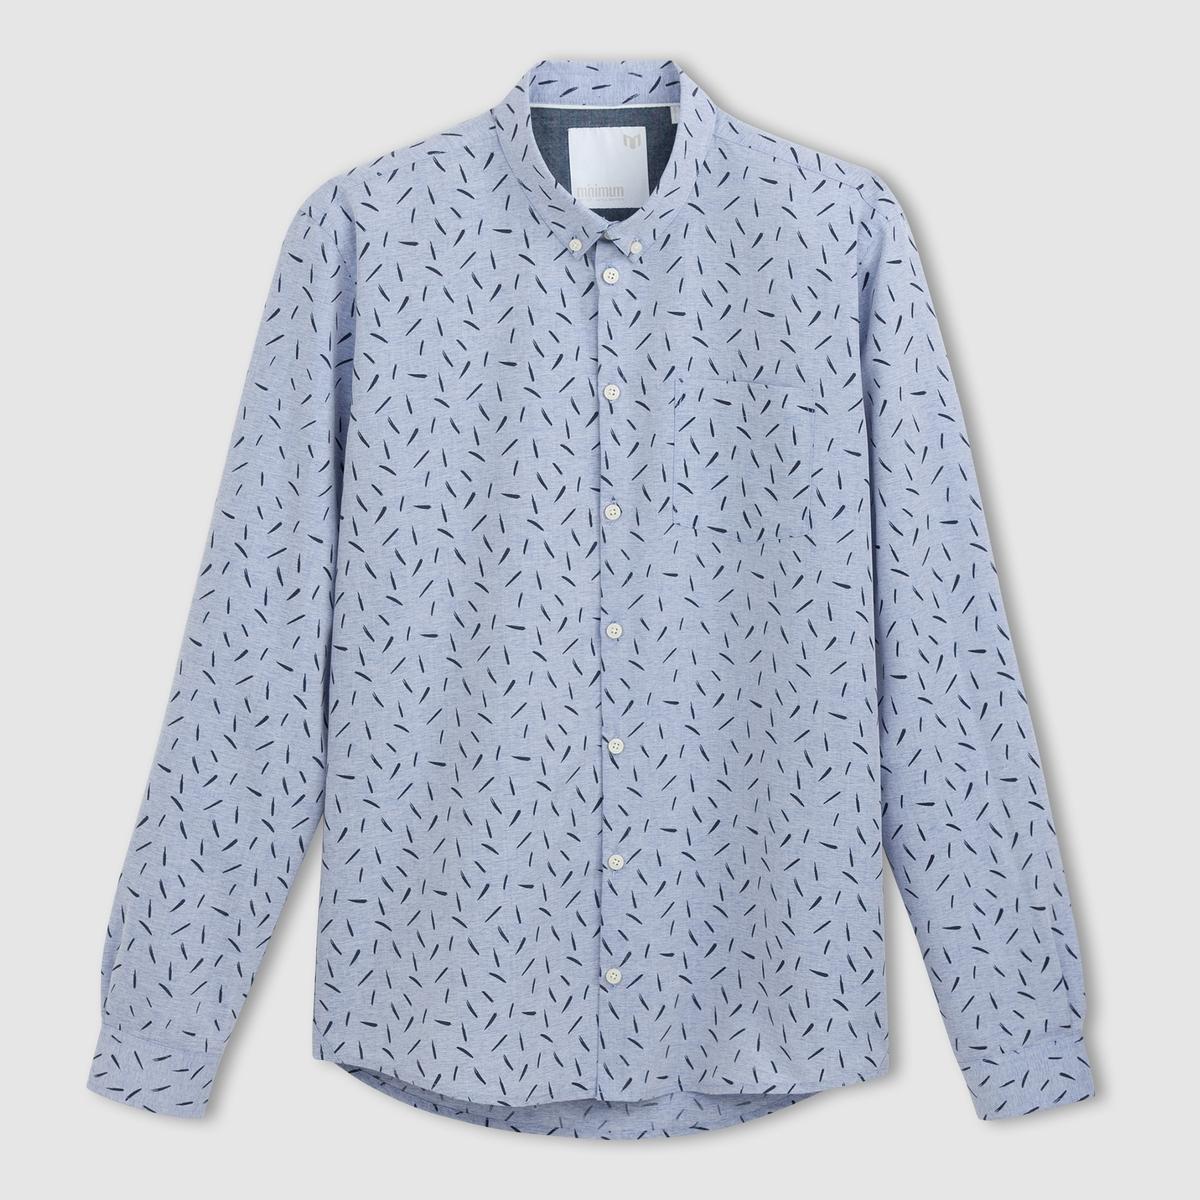 РубашкаРубашка MINIMUM100% хлопка. Края воротника на пуговицах. Длинные рукава.<br><br>Цвет: синий<br>Размер: S